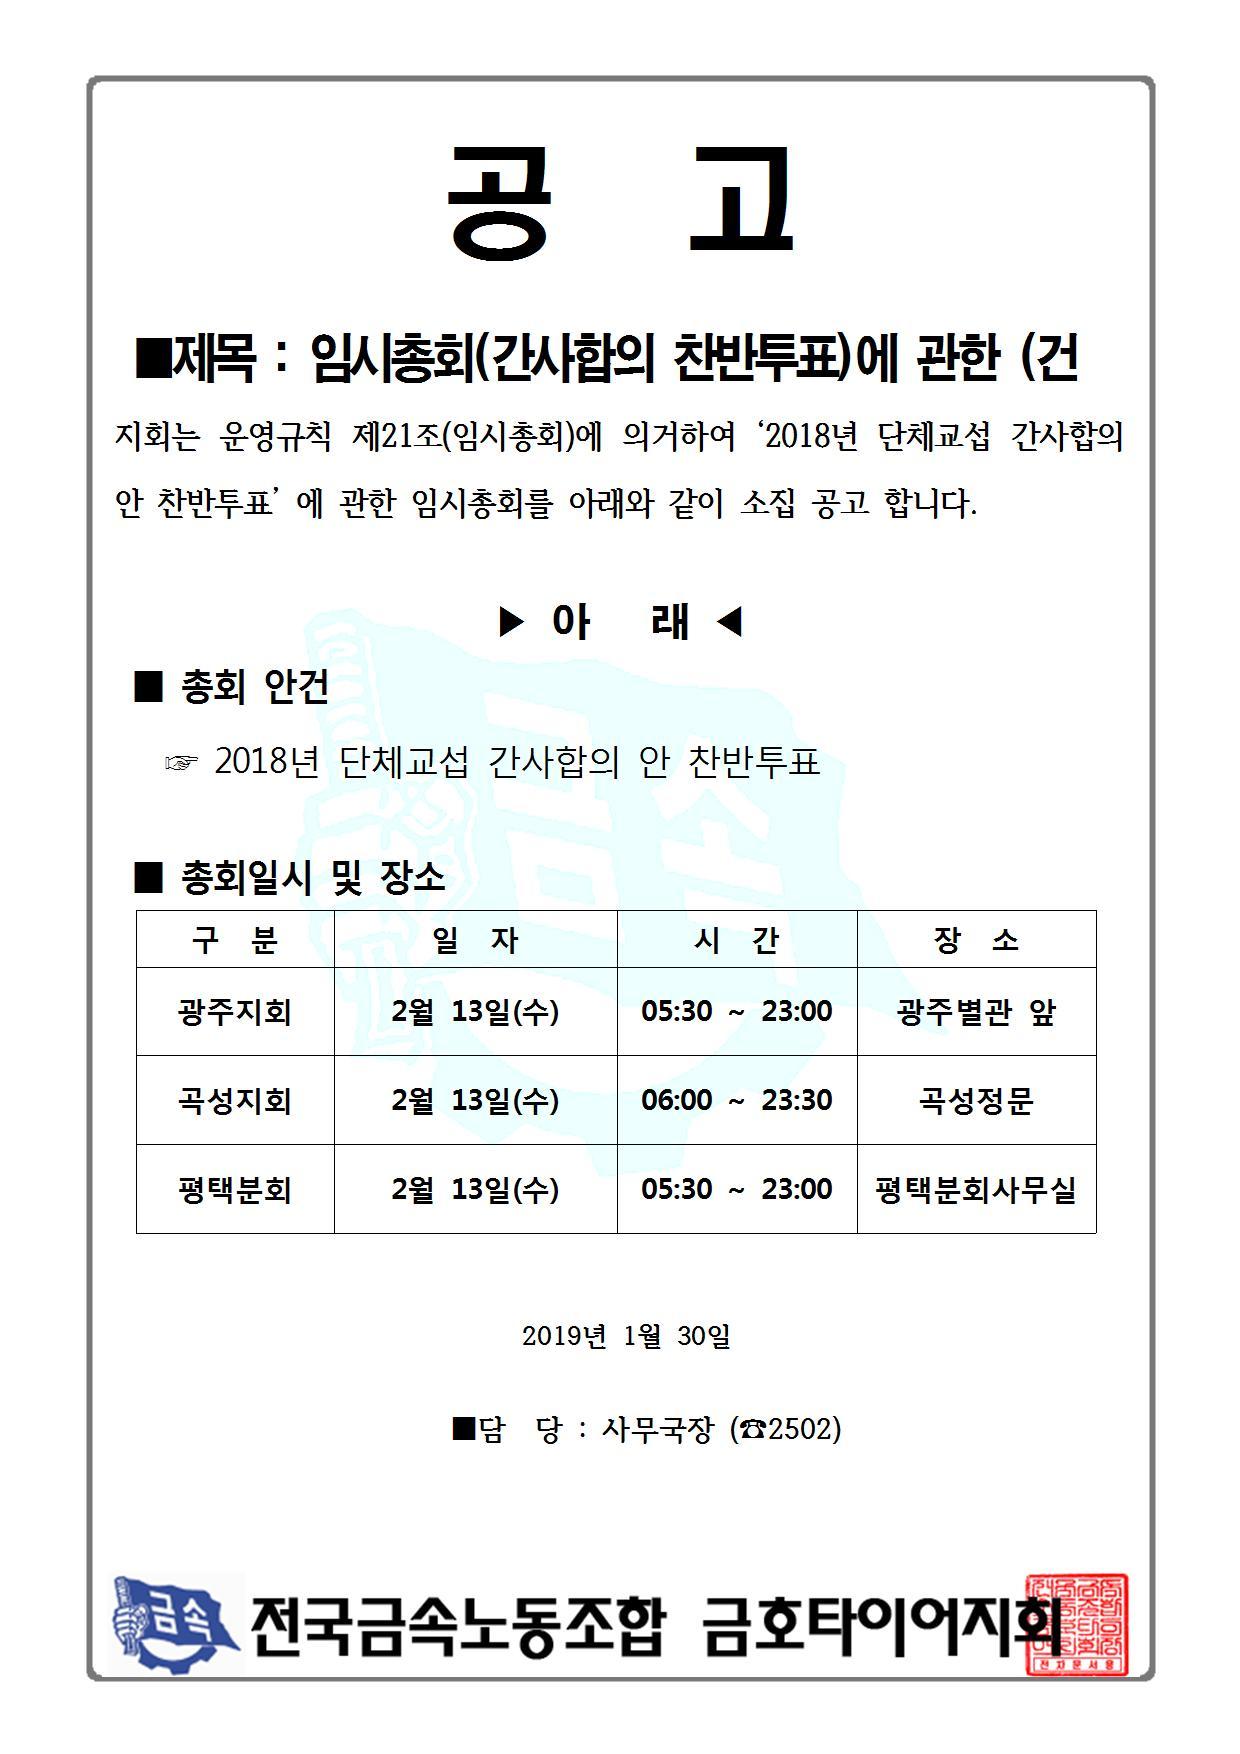 찬반투표001.jpg